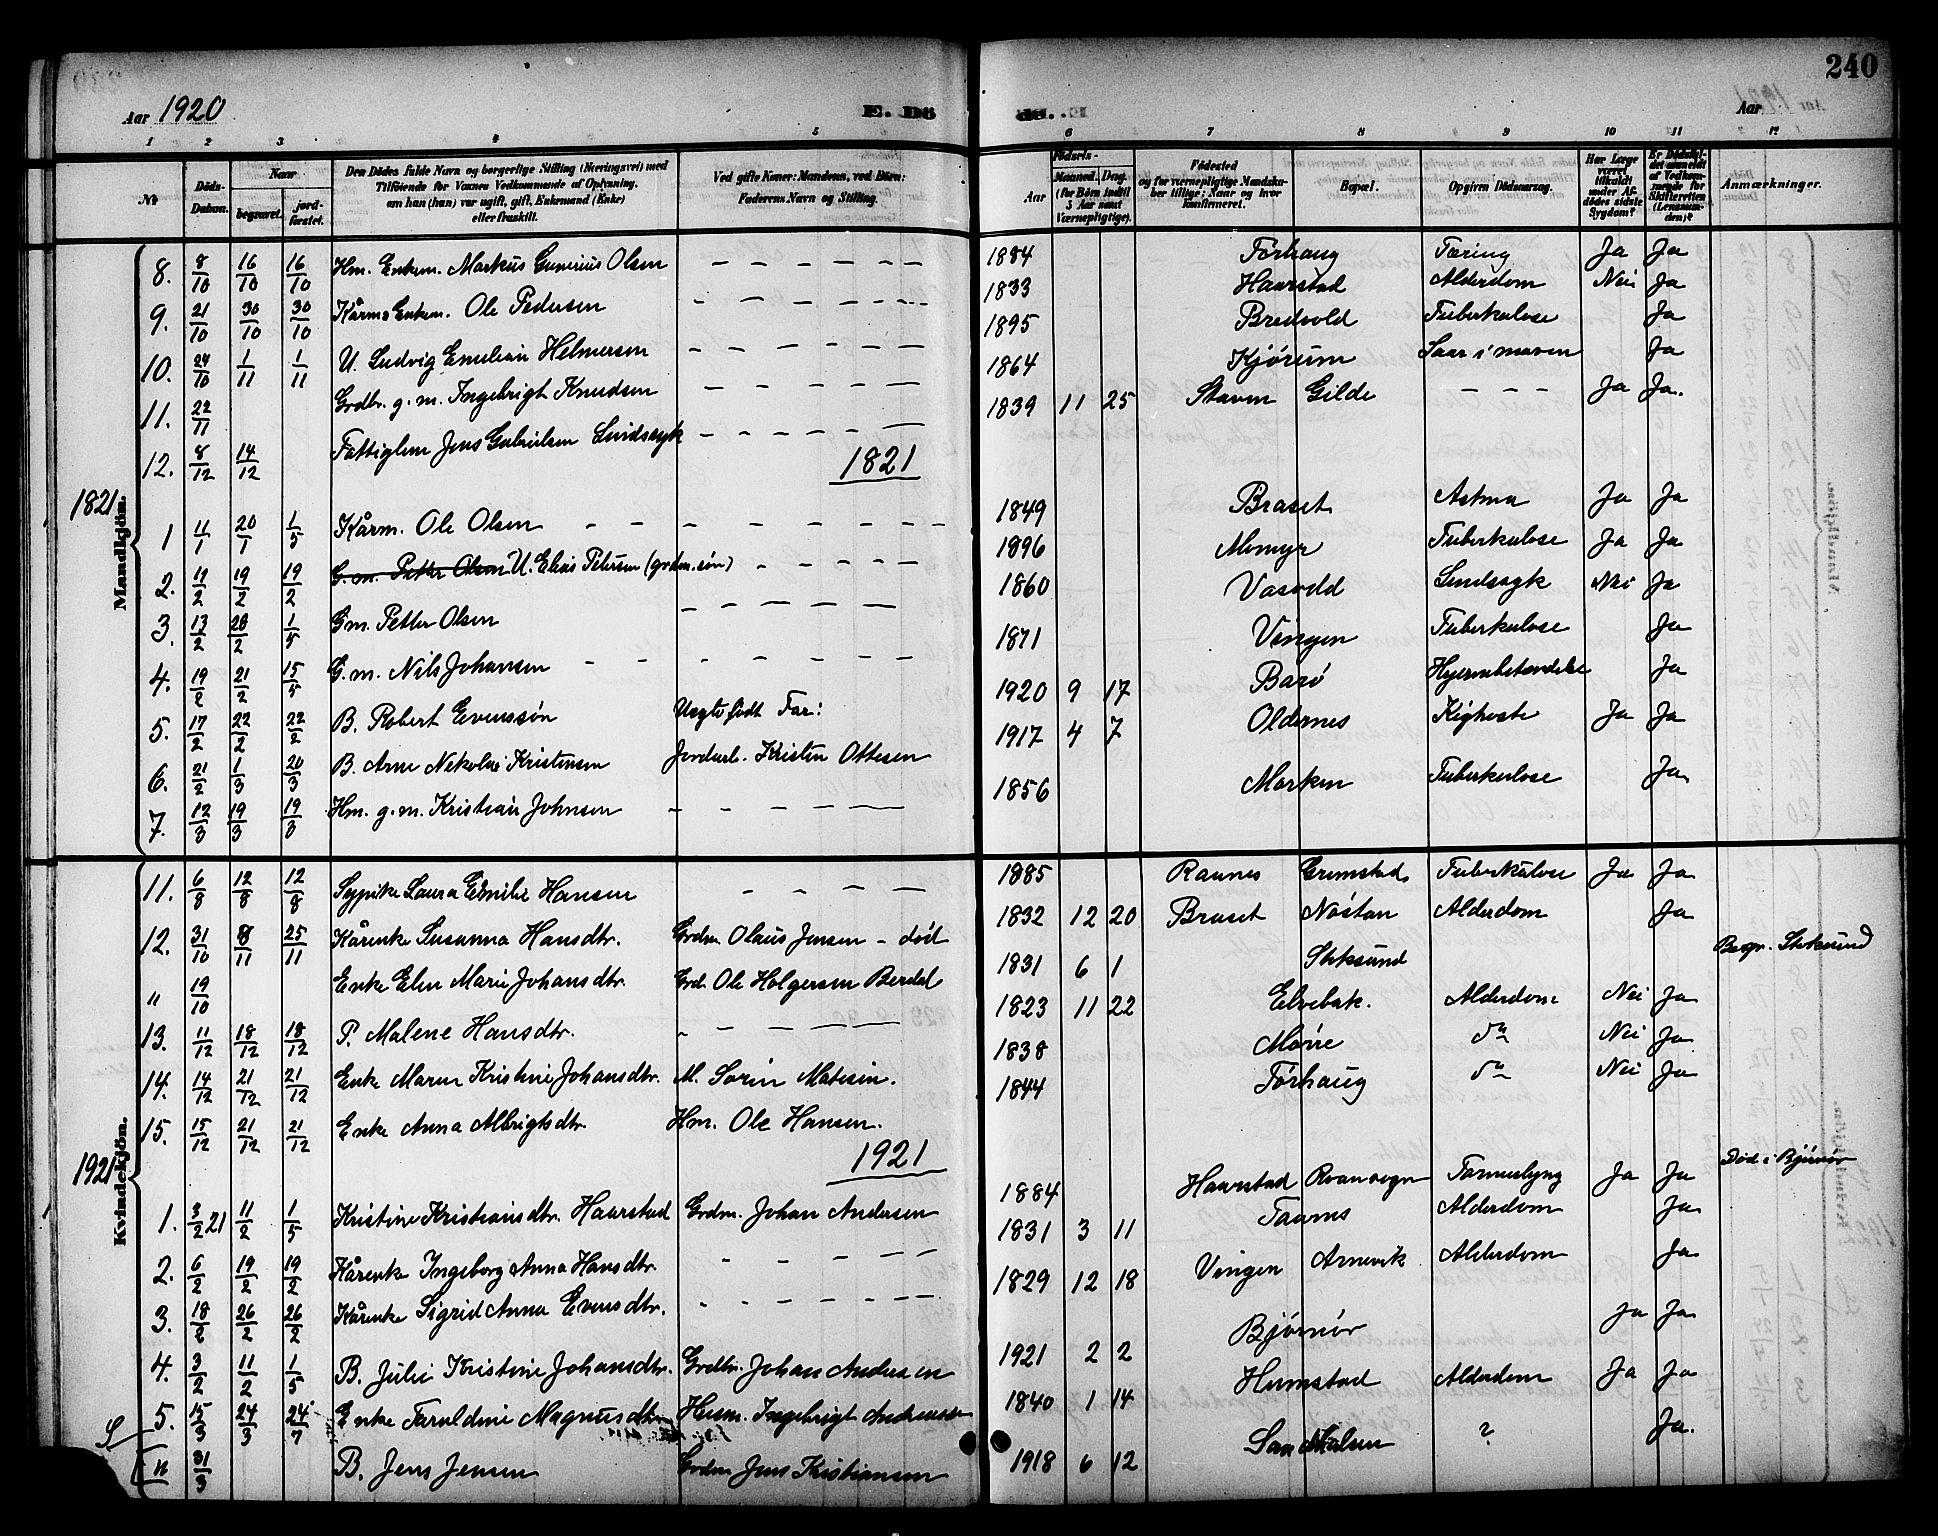 SAT, Ministerialprotokoller, klokkerbøker og fødselsregistre - Sør-Trøndelag, 655/L0688: Klokkerbok nr. 655C04, 1899-1922, s. 240